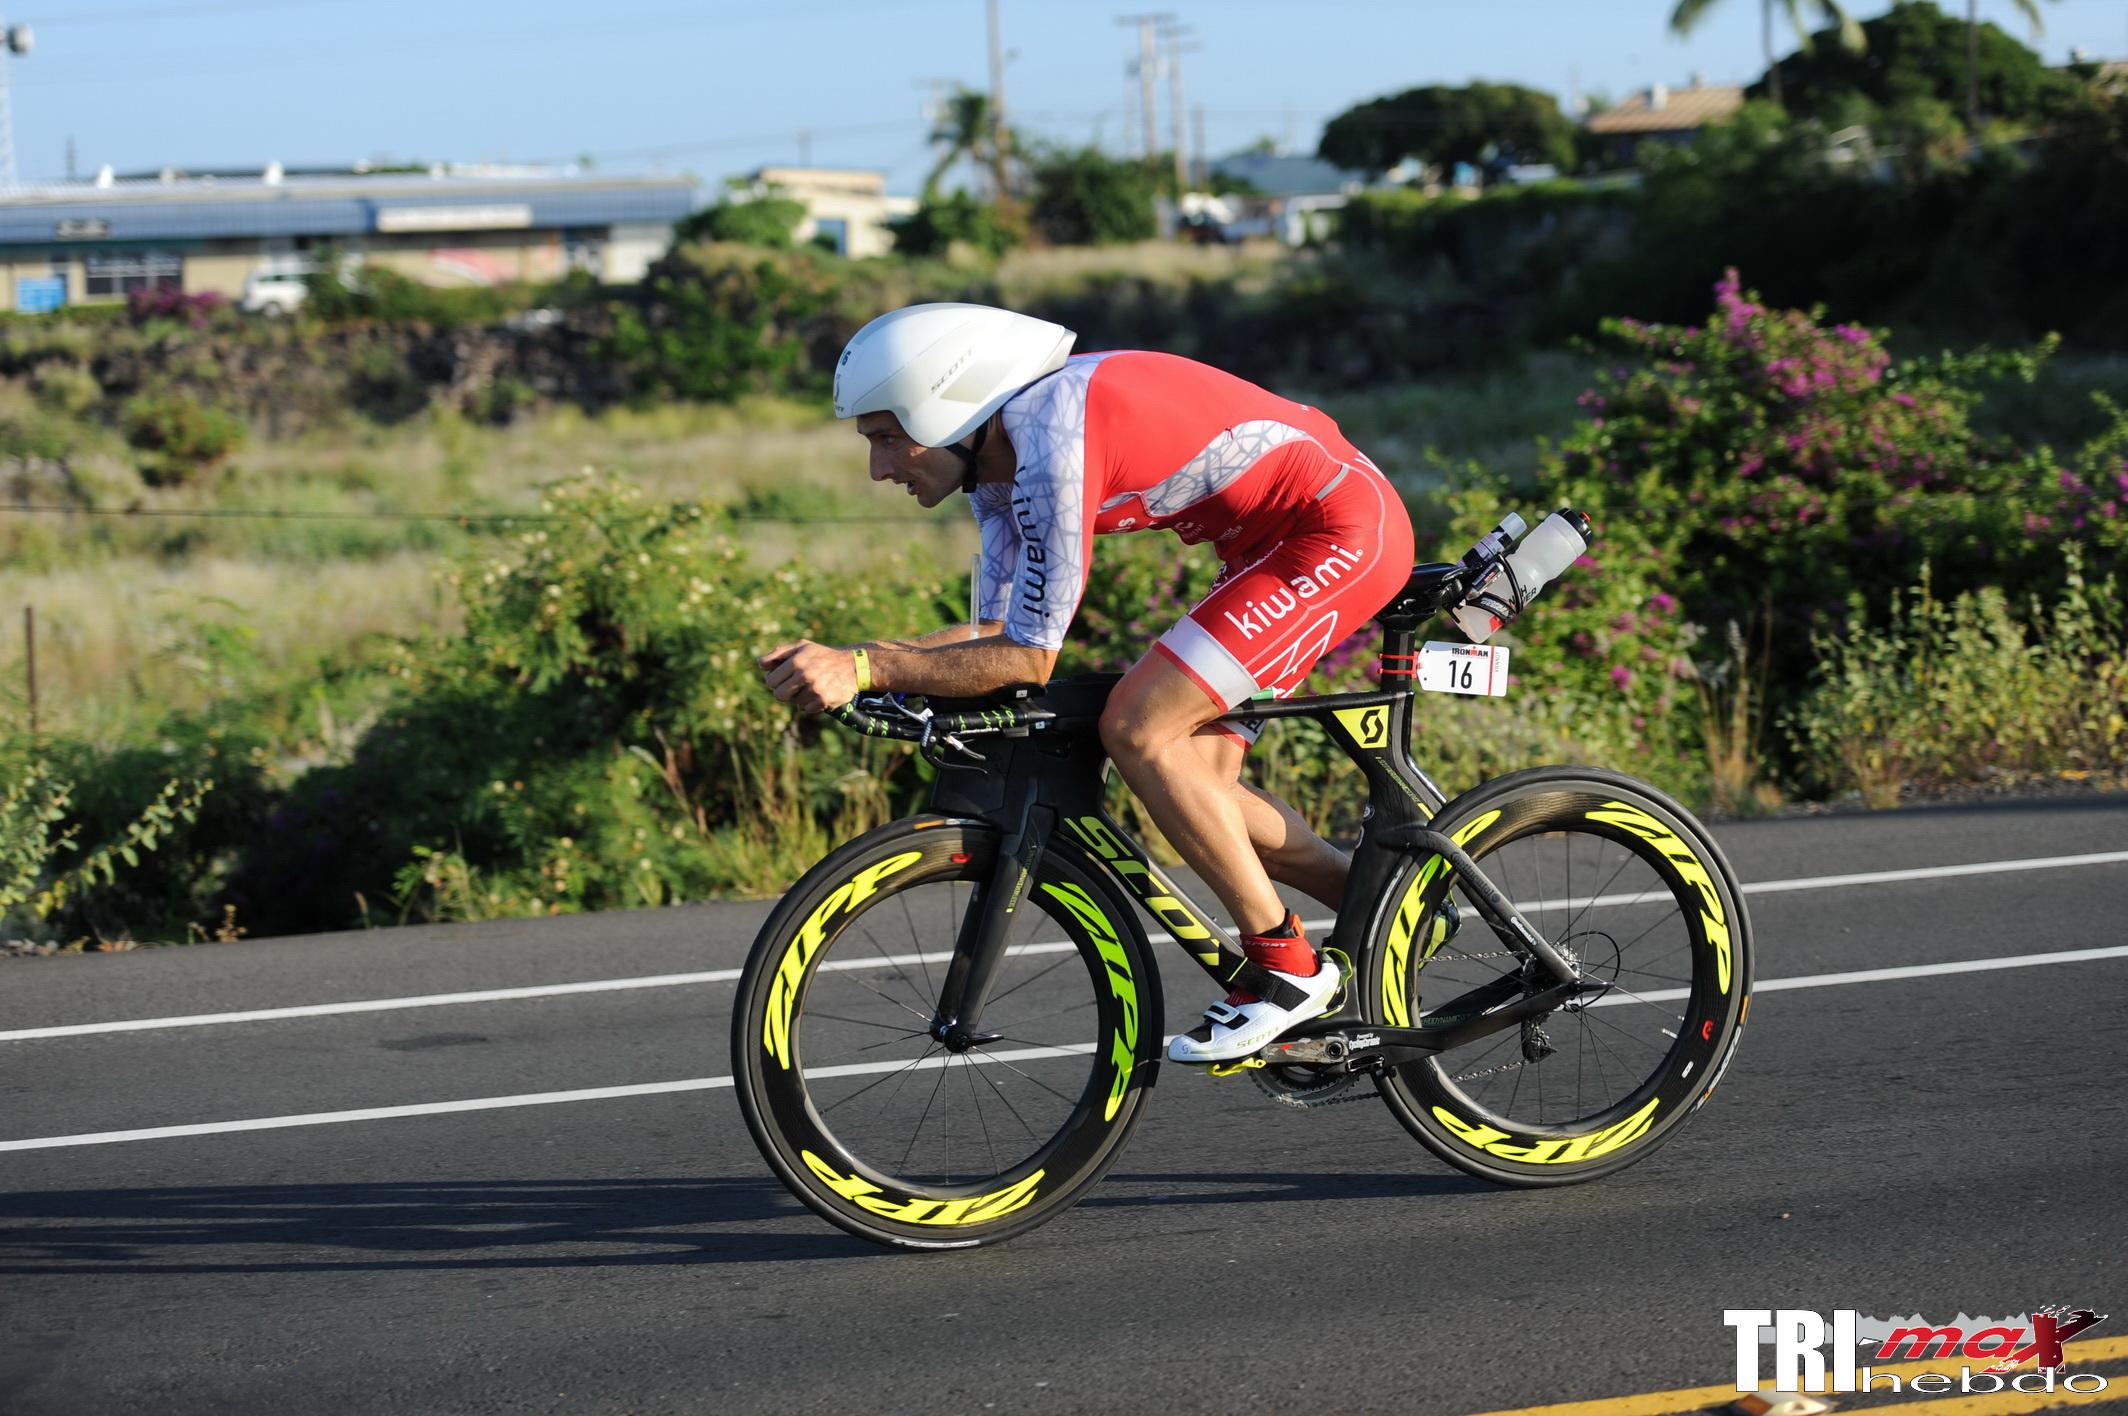 IRONMAN WORLD CHAMPIONSHIP HAWAI: La confirmation de Cyril VIENNOT dans le TOP 6 mondial